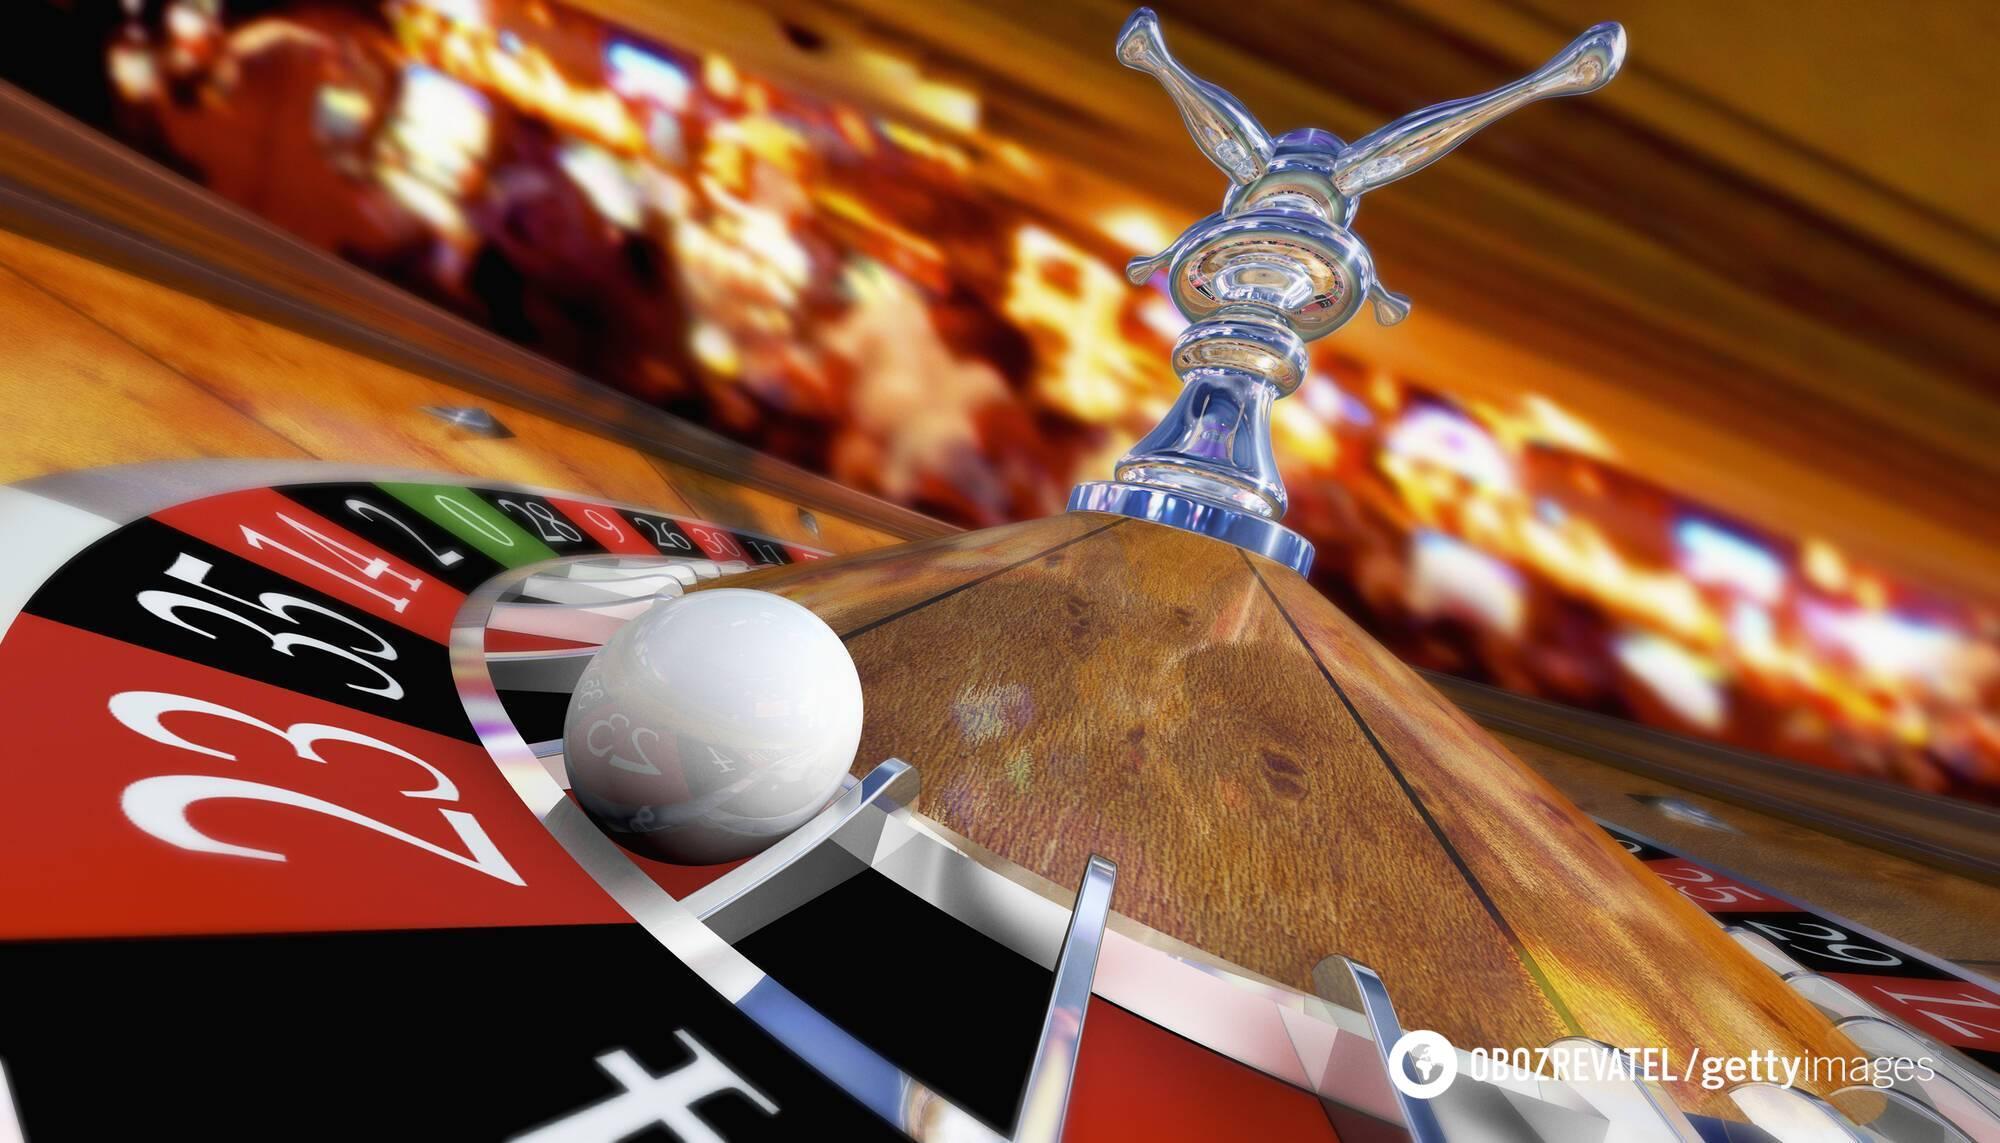 В разных странах налог на доход от работы казино колеблется от 0 до 80%